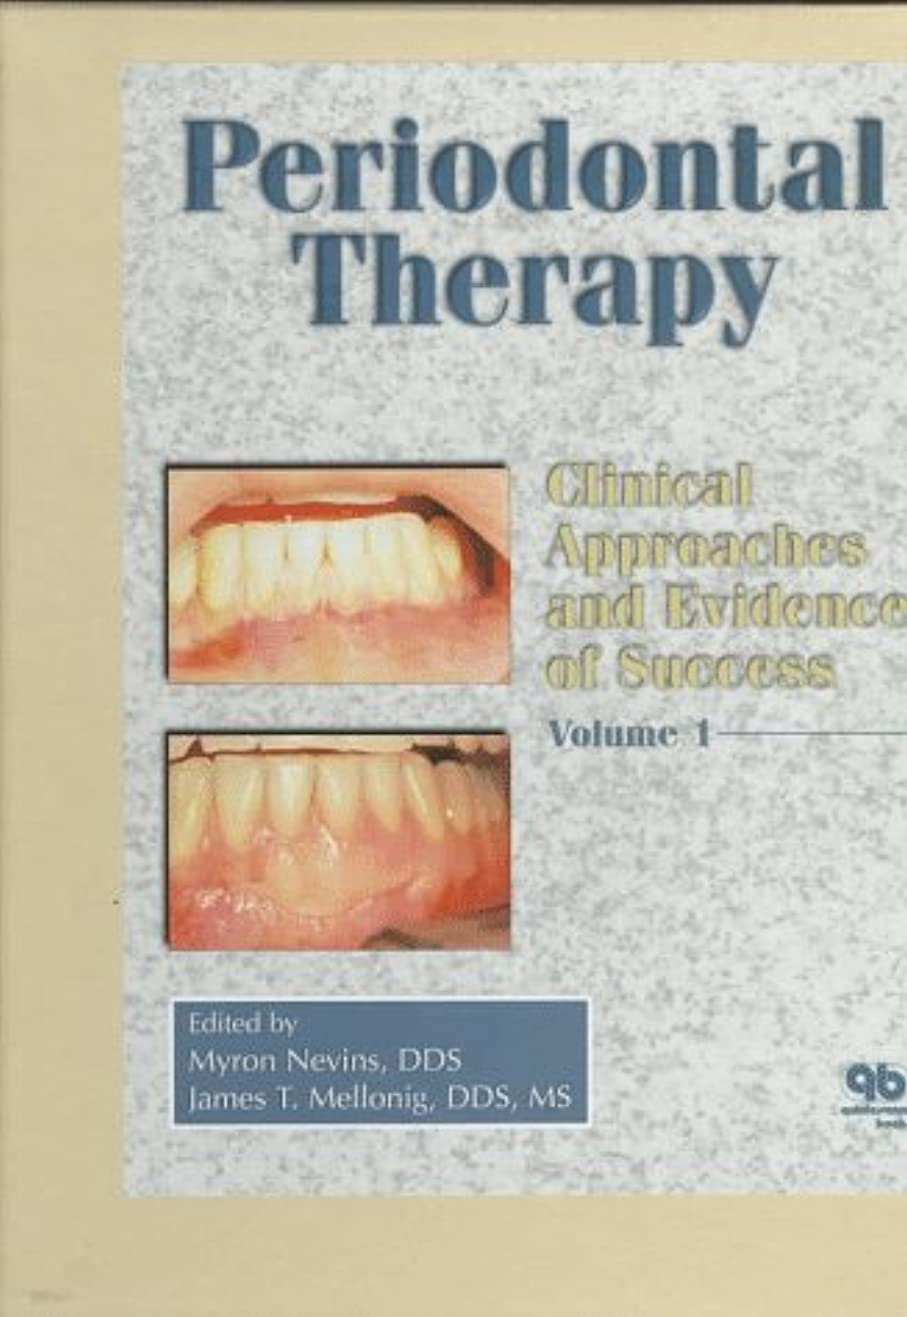 息切れ設計要件Periodontal Therapy: Clinical Approaches and Evidence of Success